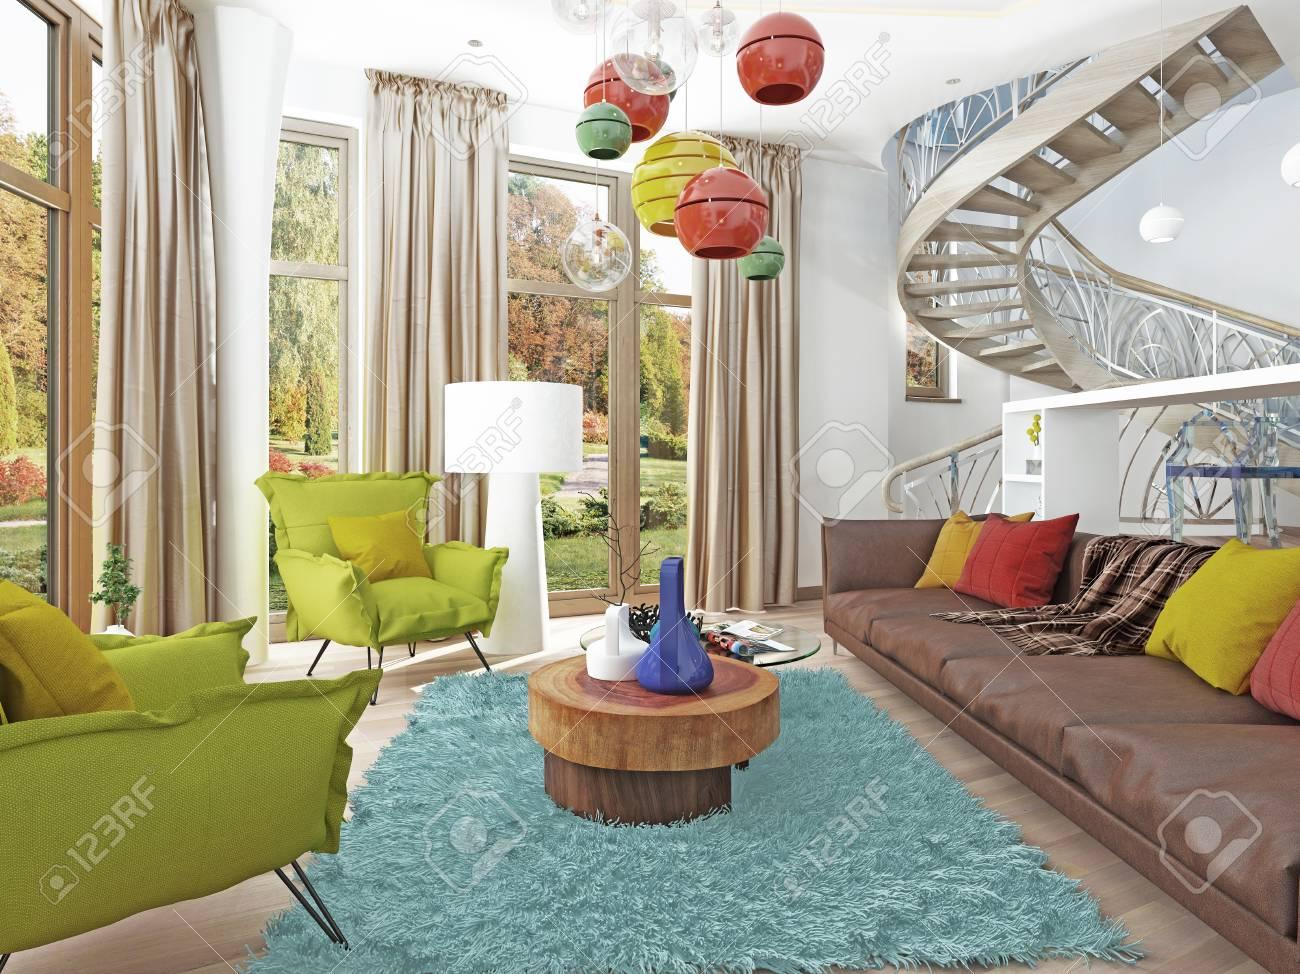 Elegant Luxus Großes Wohnzimmer Im Stil Des Kitsches. Moderne Wohnzimmer Mit Großen  Leder, Braun Sofa